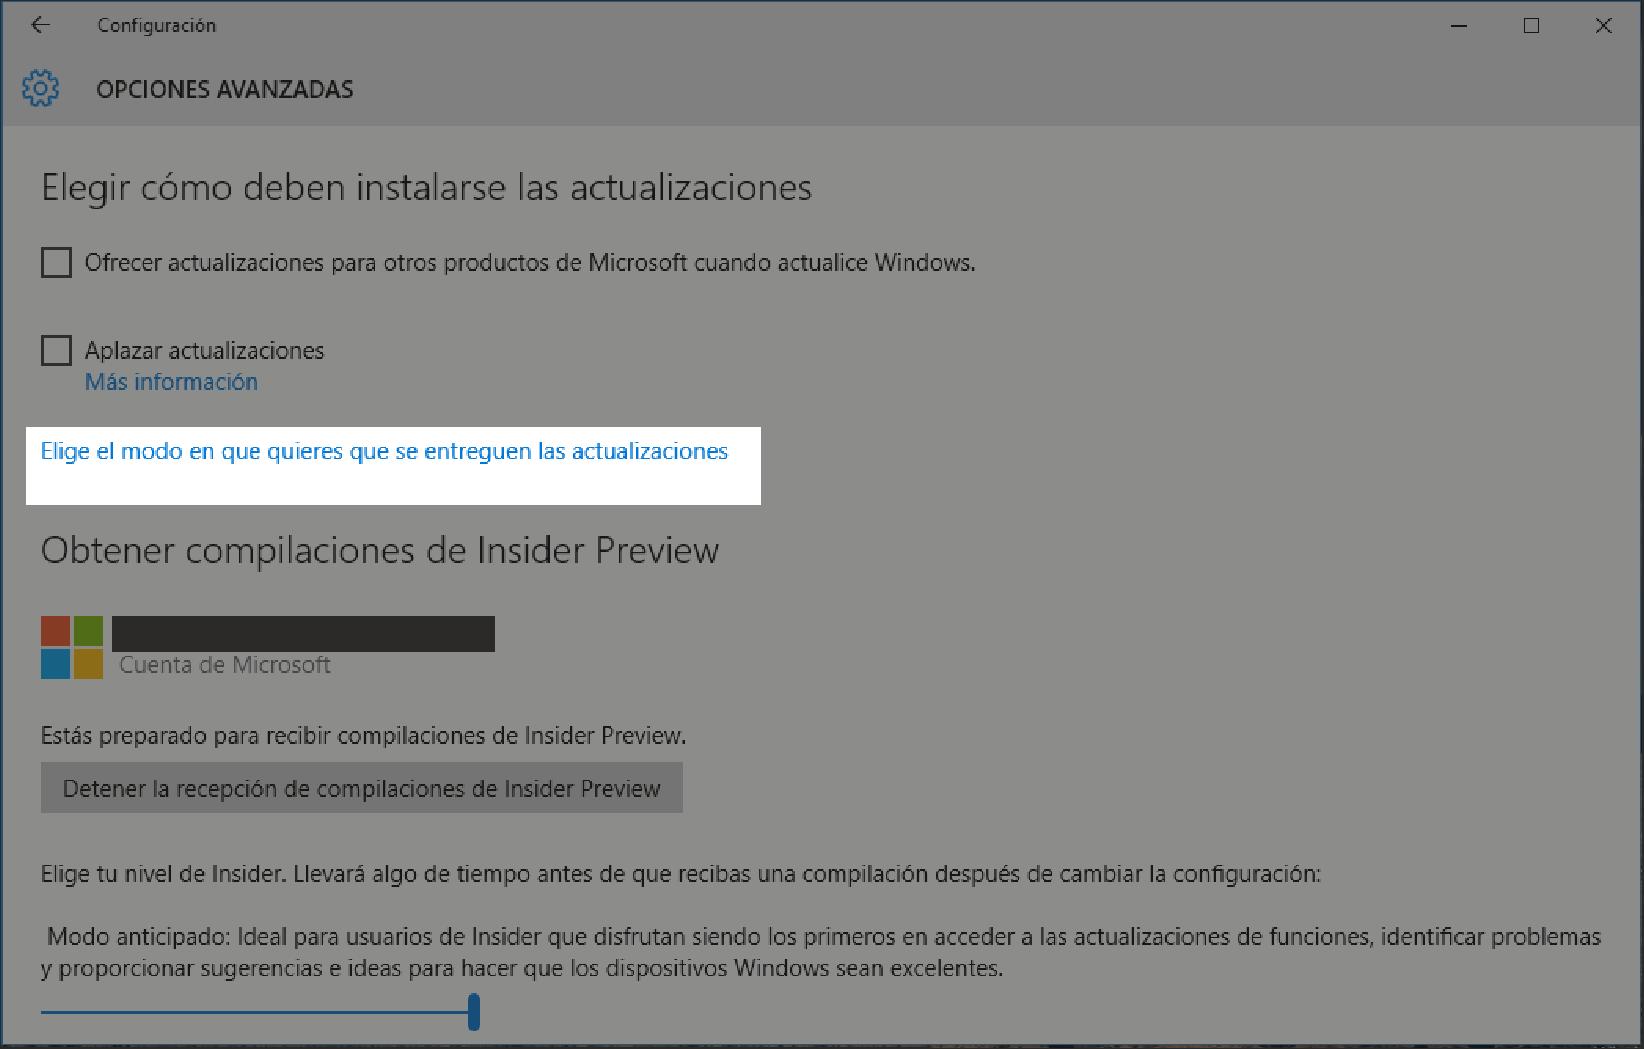 ¿Sabías cómo... evitar el consumo total del ancho de banda al descargar builds de Windows 10?